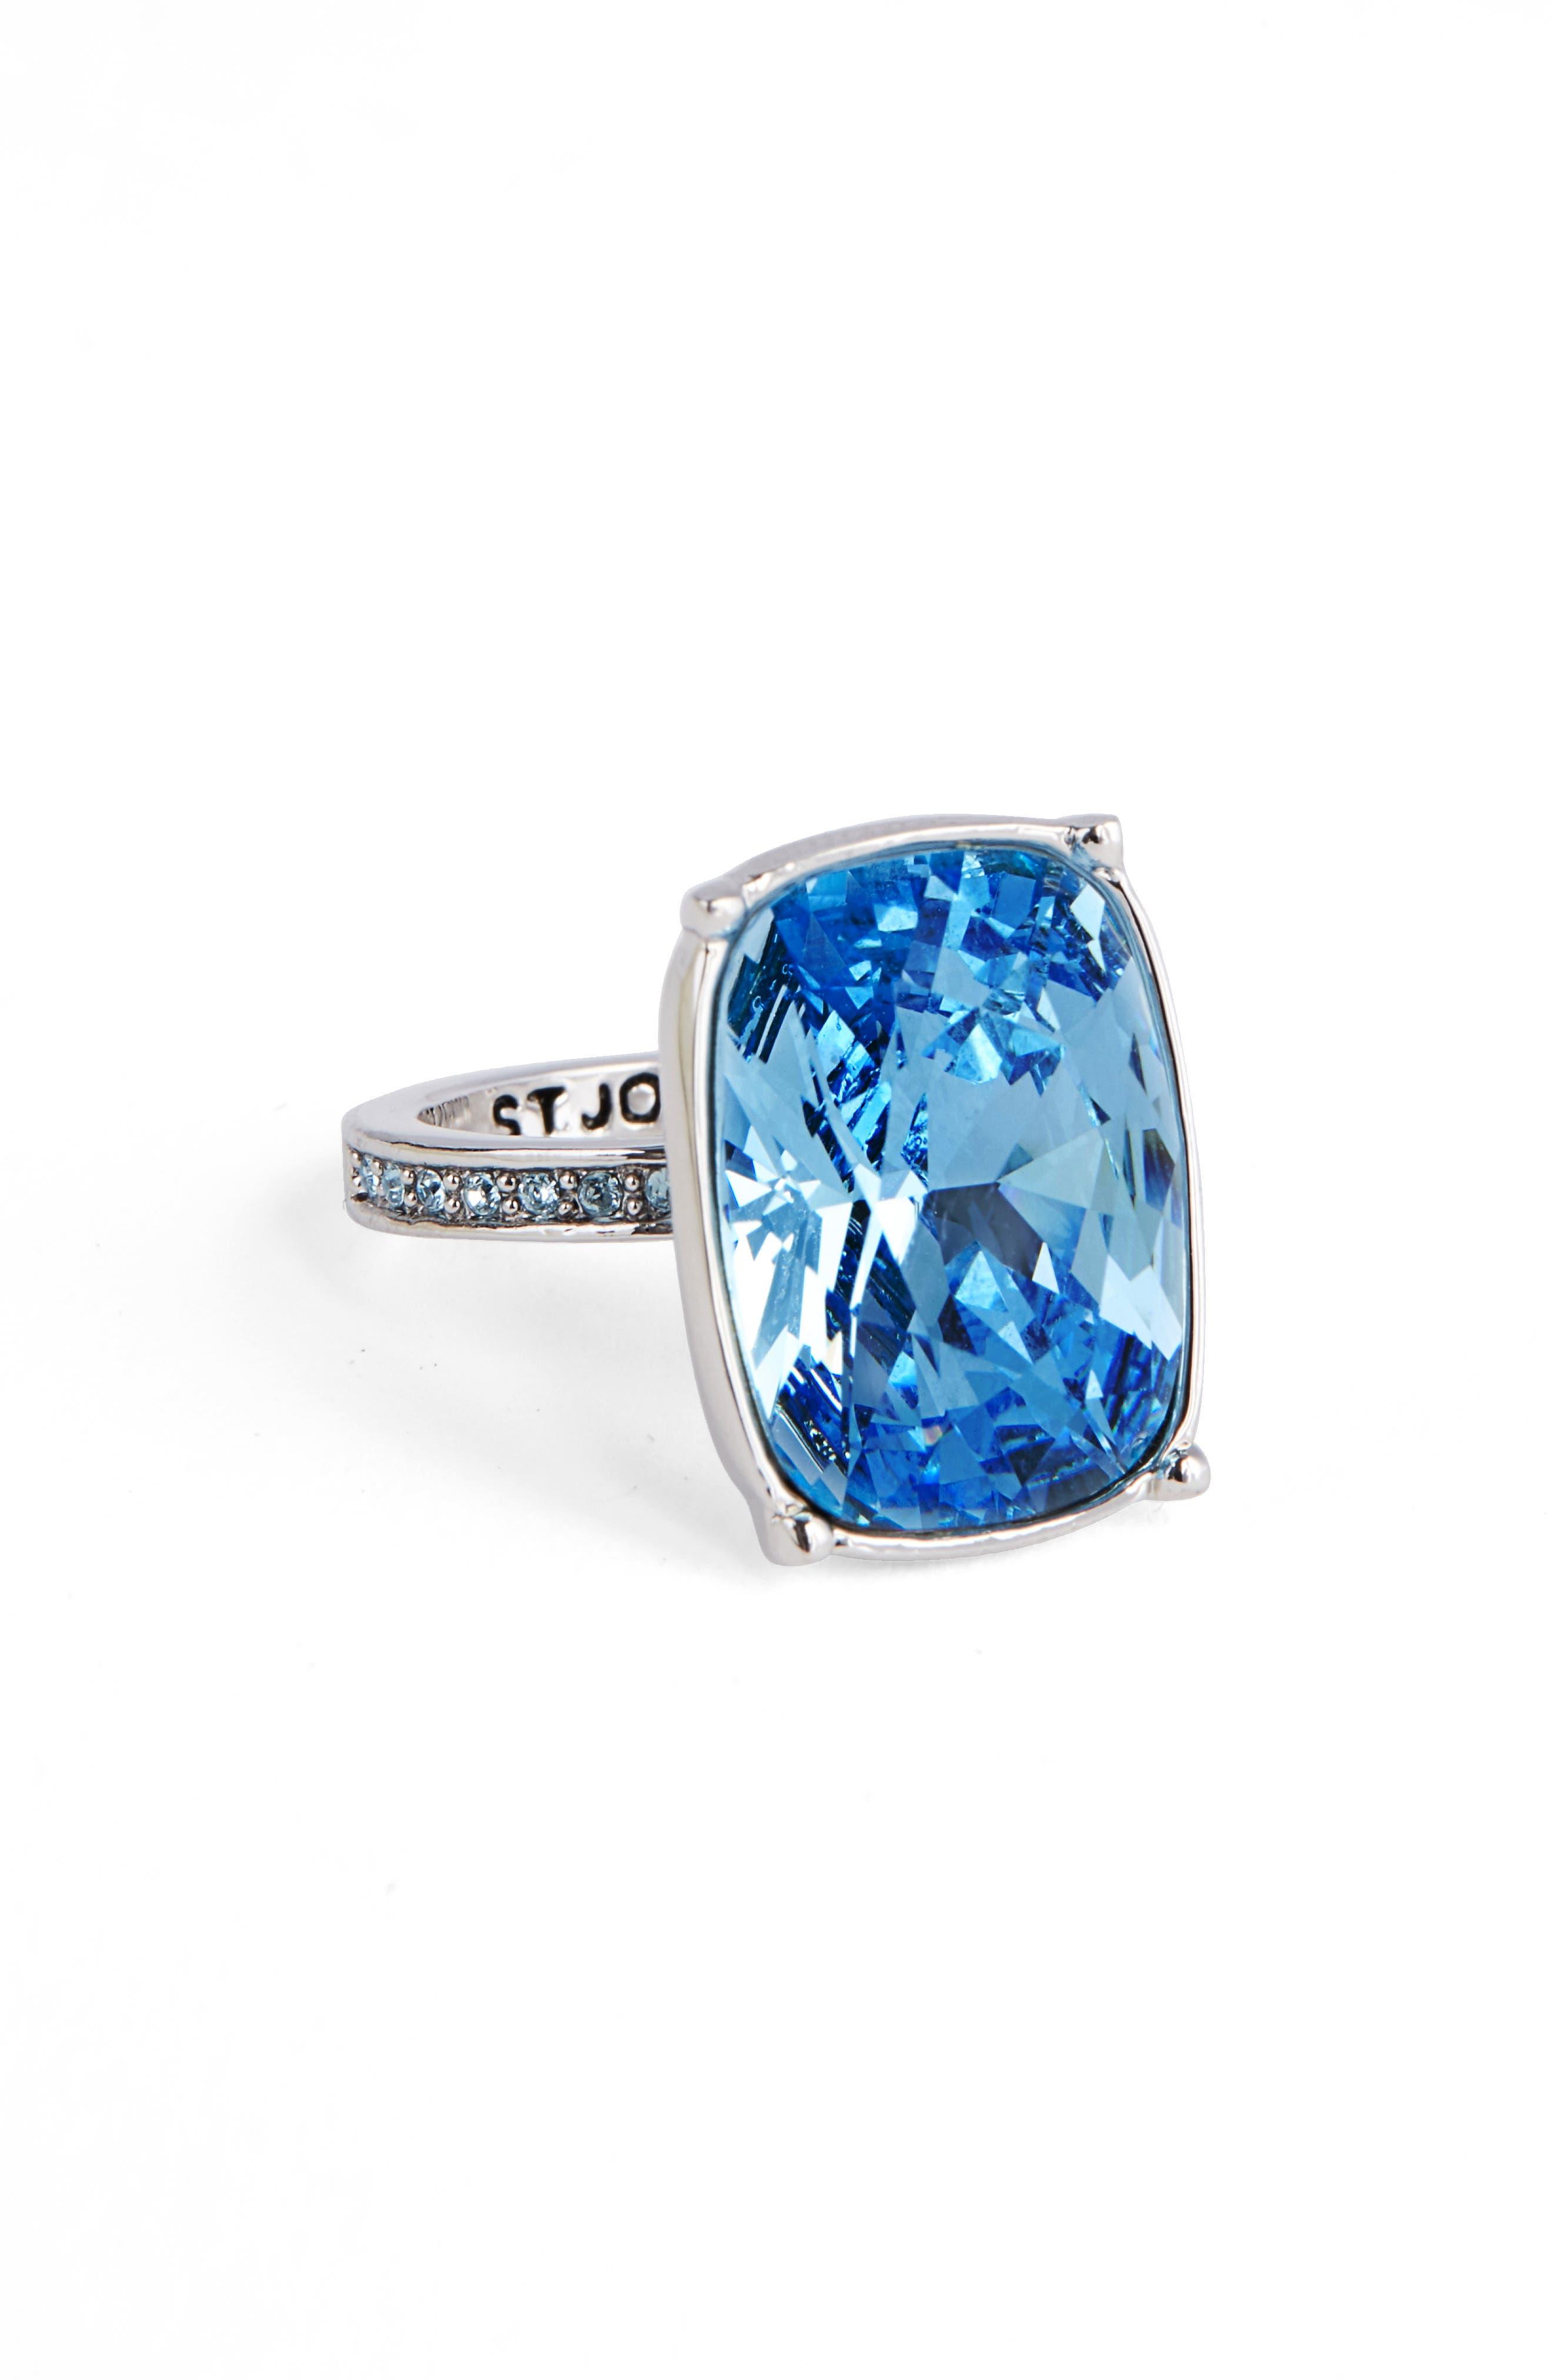 Swarovski Crystal Cocktail Ring,                             Main thumbnail 1, color,                             040